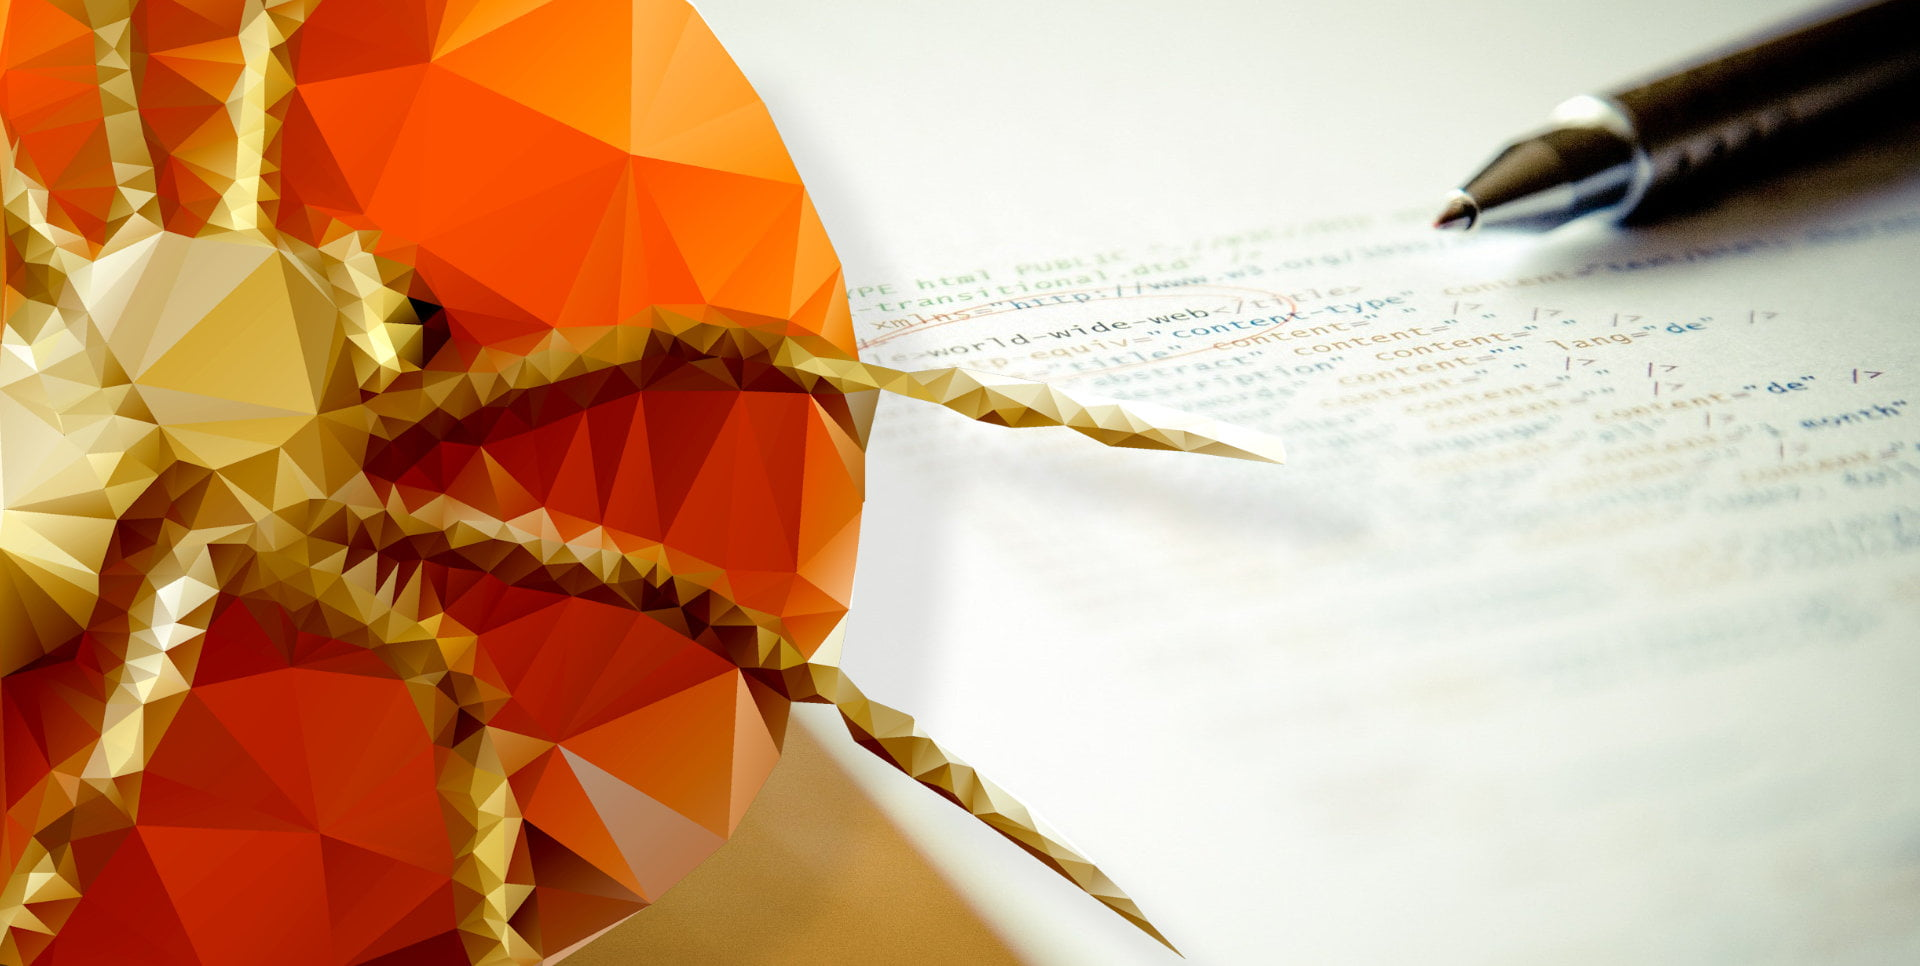 Pajączek - program do tworzenia stron internetowych w PHP, HTML, JavaScript